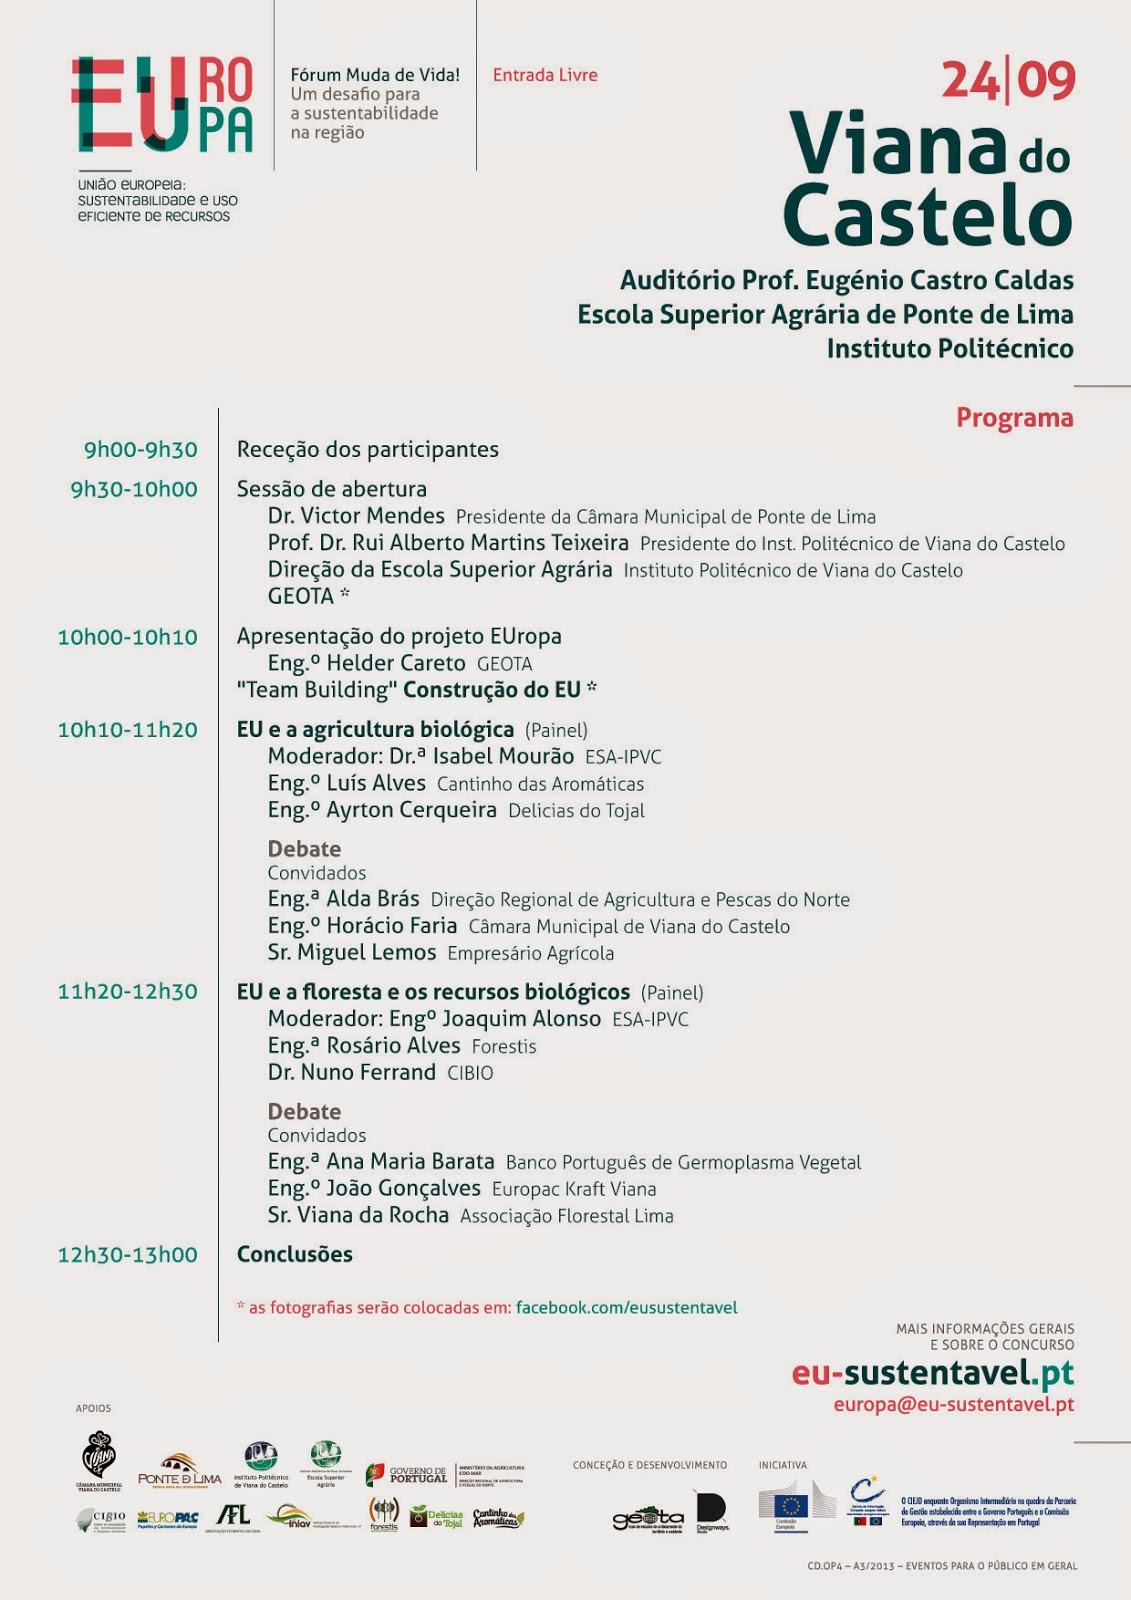 http://europa-sustentavel.blogspot.pt/2014/09/europa-em-forum-muda-de-vida-um-desafio.html